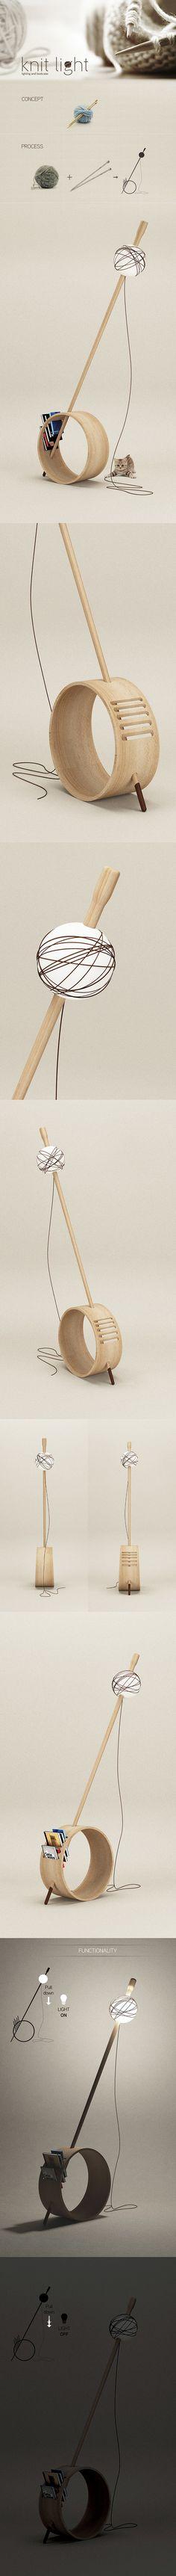 The Knit-Light !! https://www.behance.net/gallery/14154129/KNIT-Light